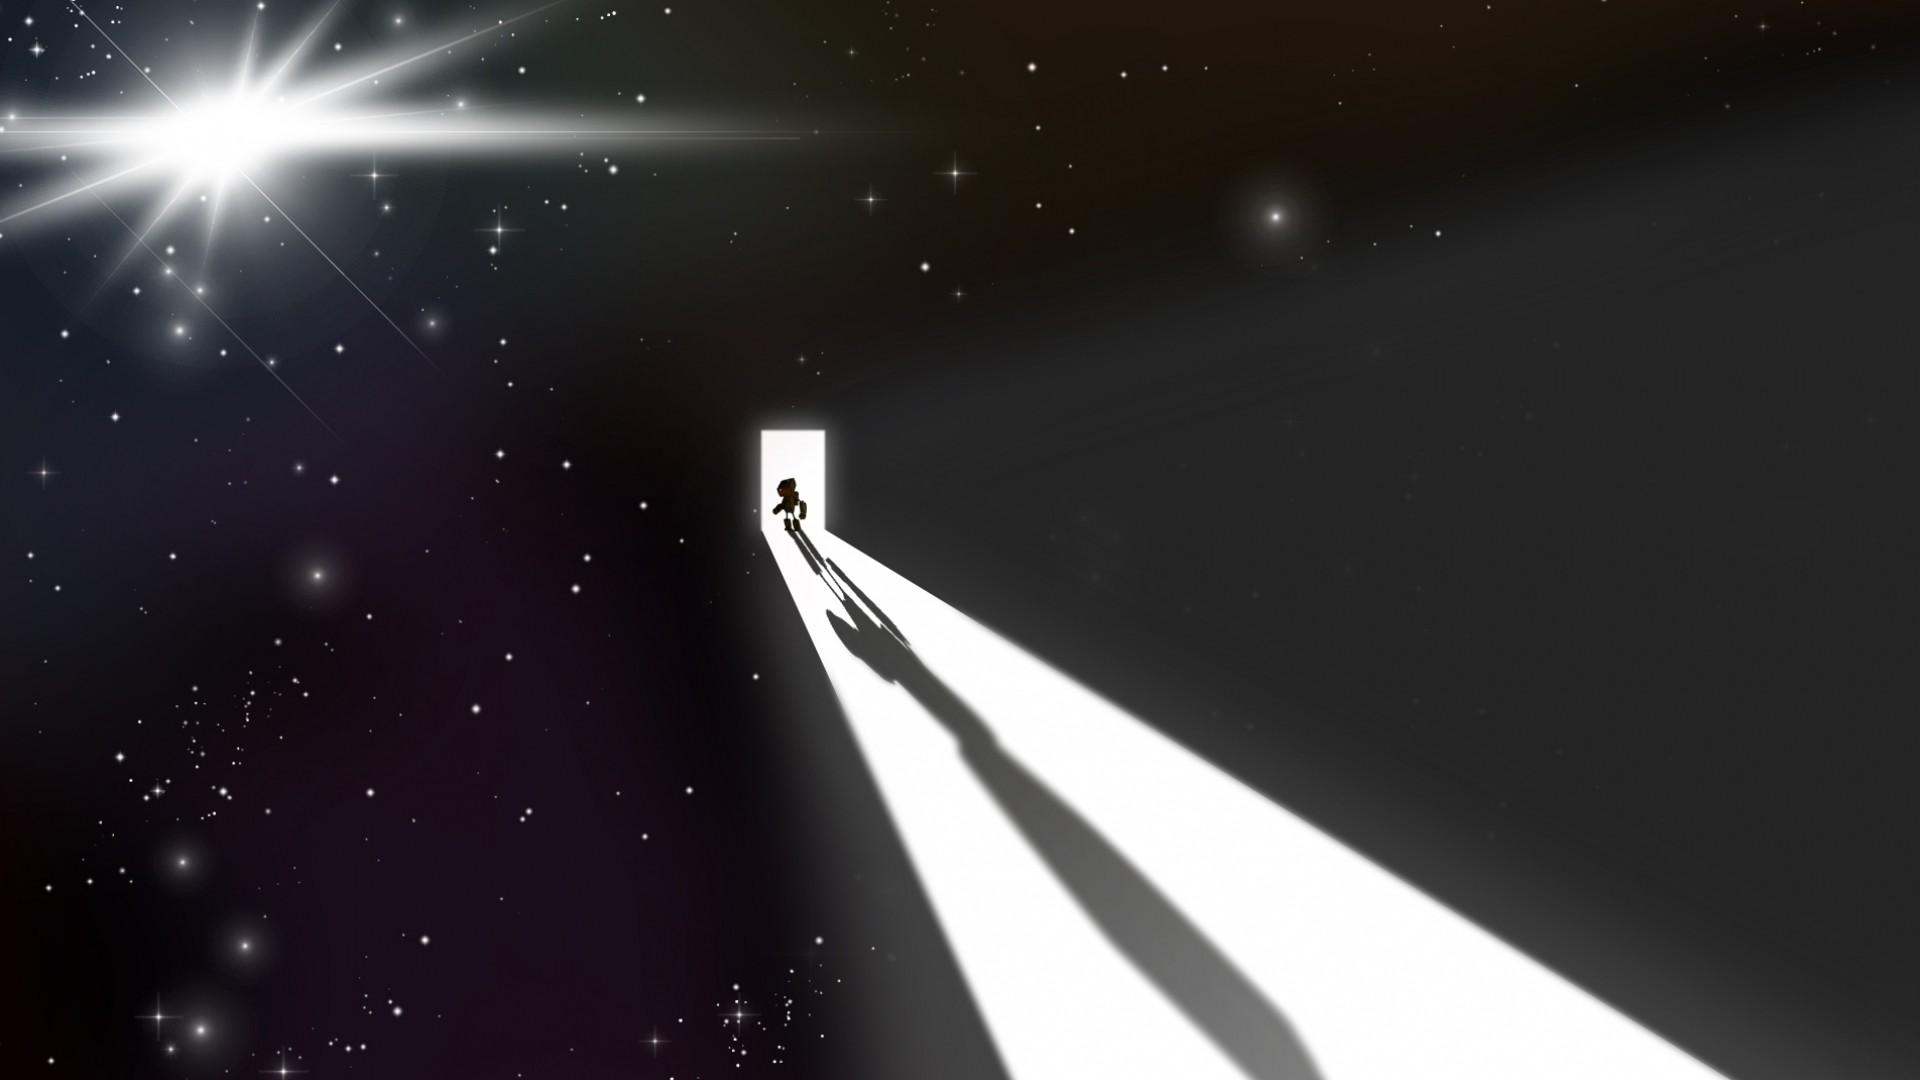 картинки дверь во вселенную она выращивается качестве